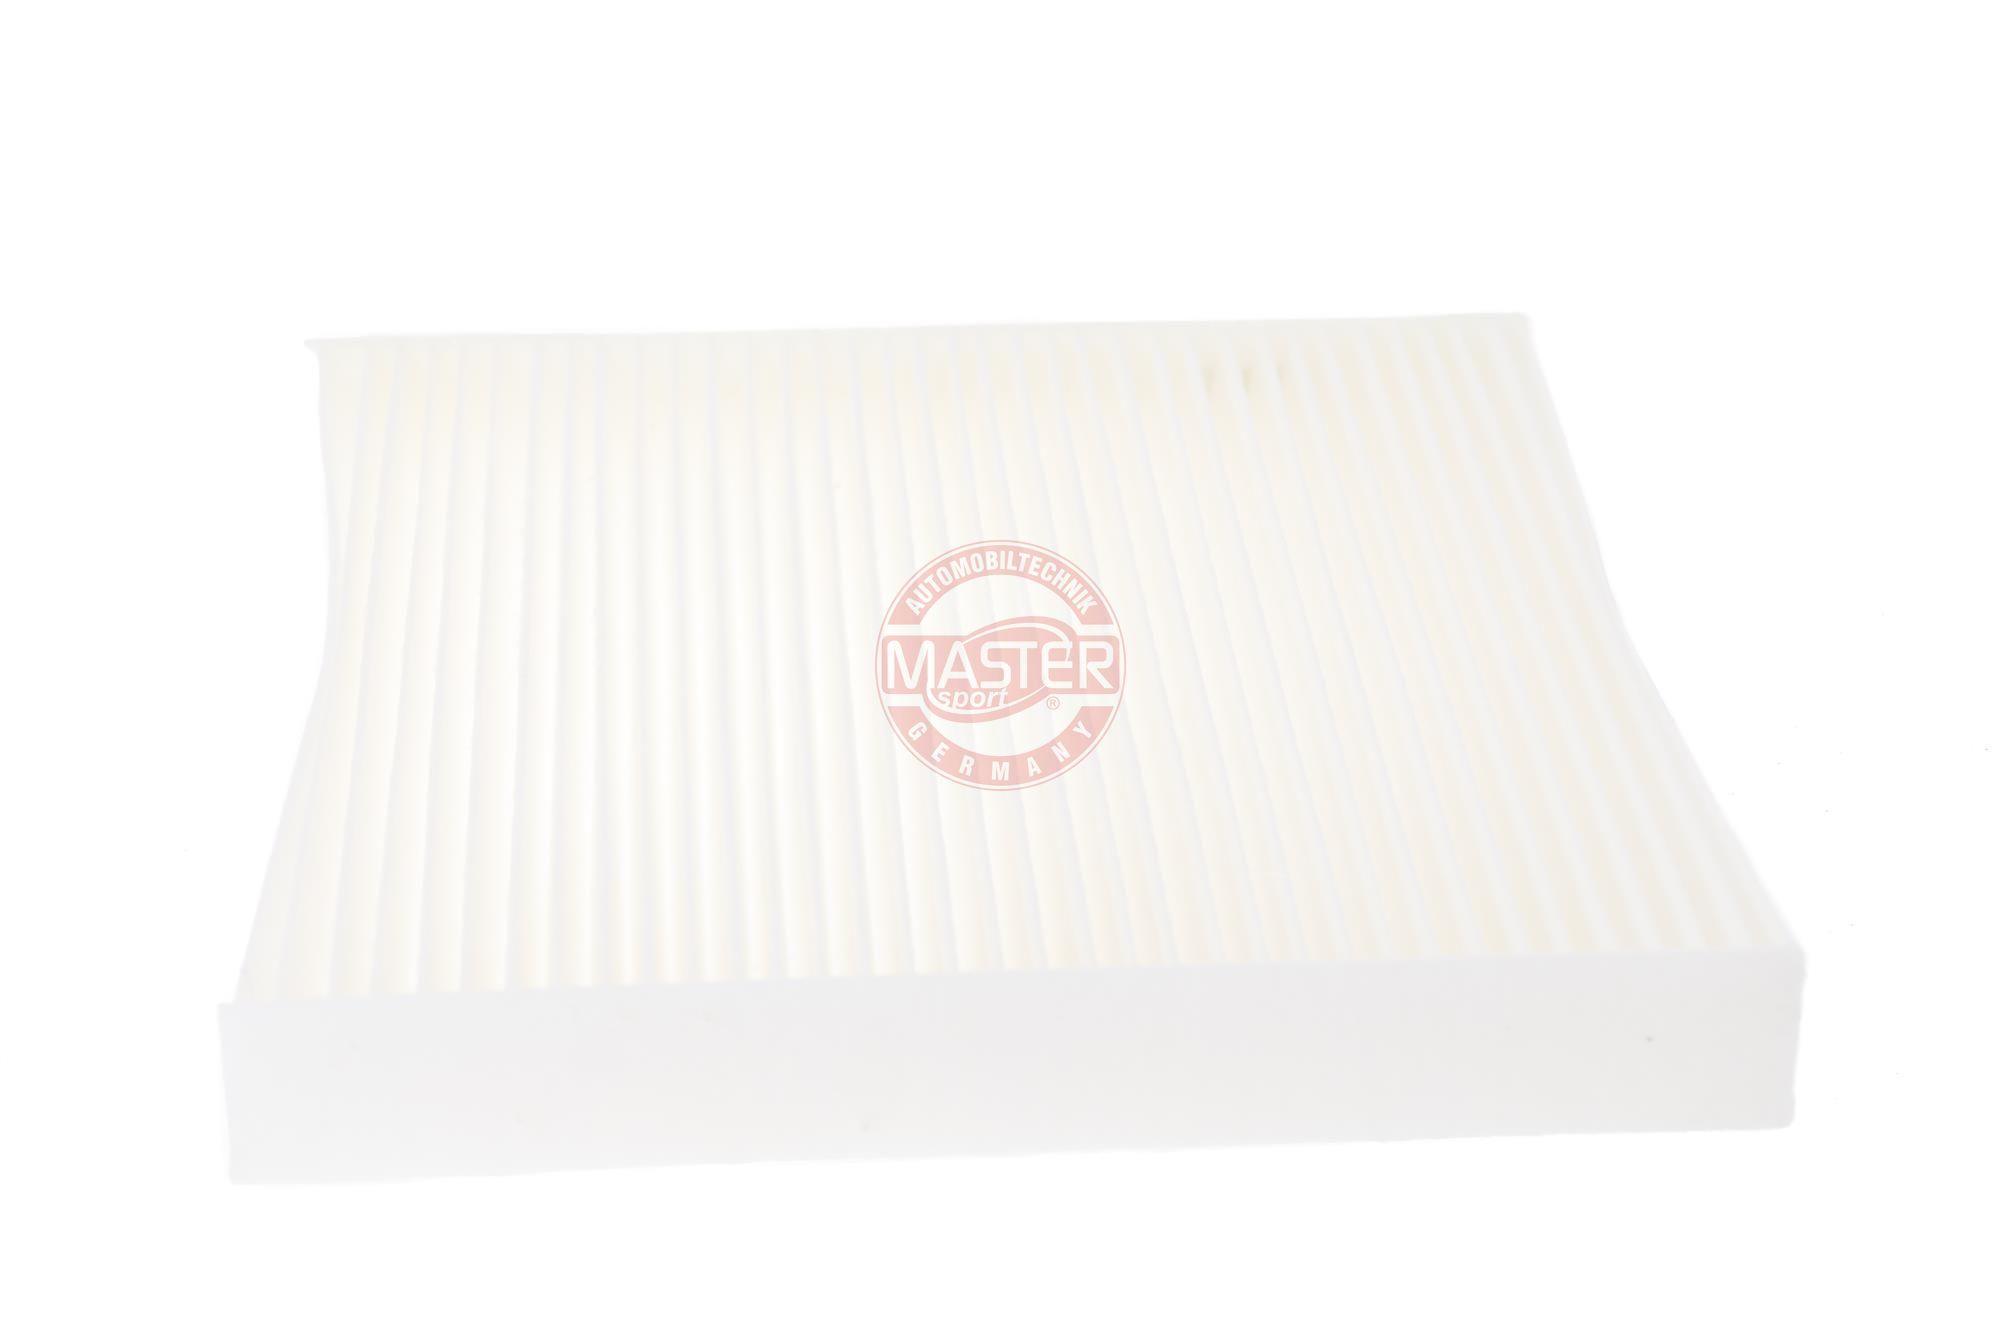 MASTER-SPORT: Original Kfz-Klimatisierung 2141-IF-PCS-MS (Breite: 200mm, Höhe: 30mm, Länge: 216mm)